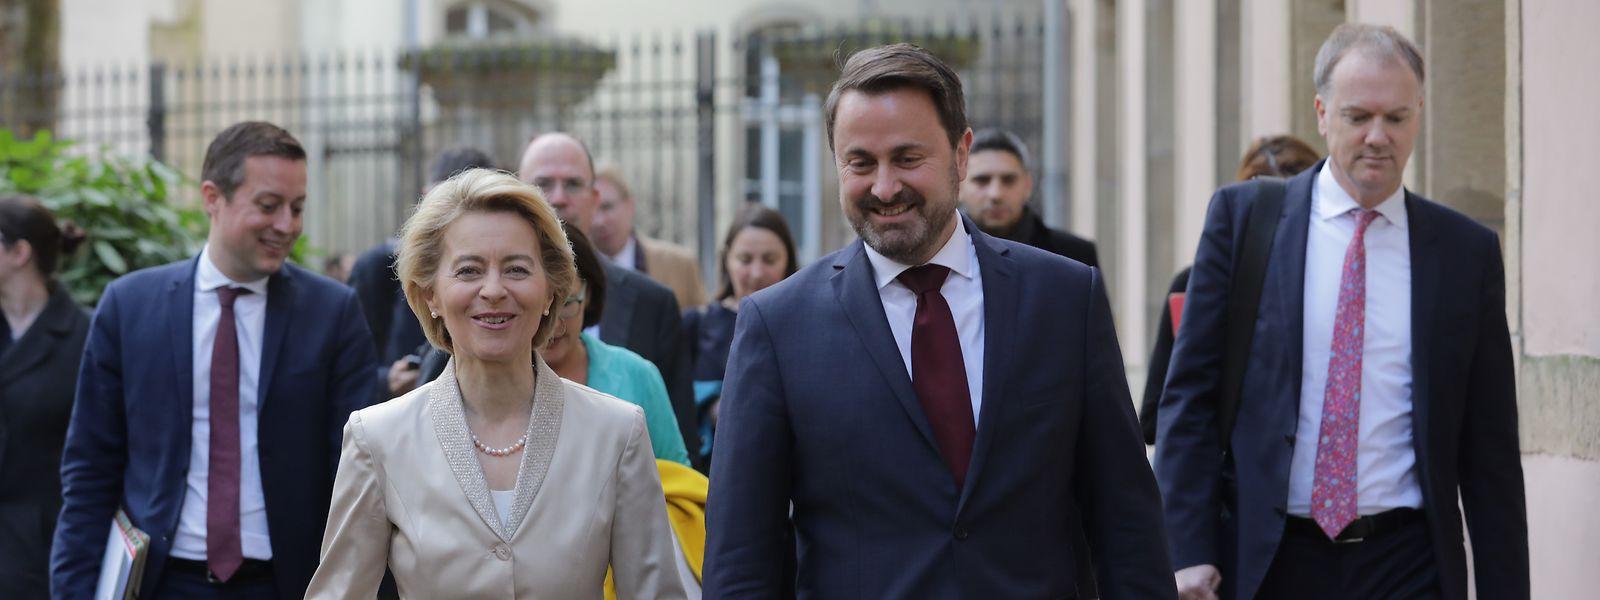 Der letzte Besuch der EU-Kommissionspräsidentin war im Februar 2020.